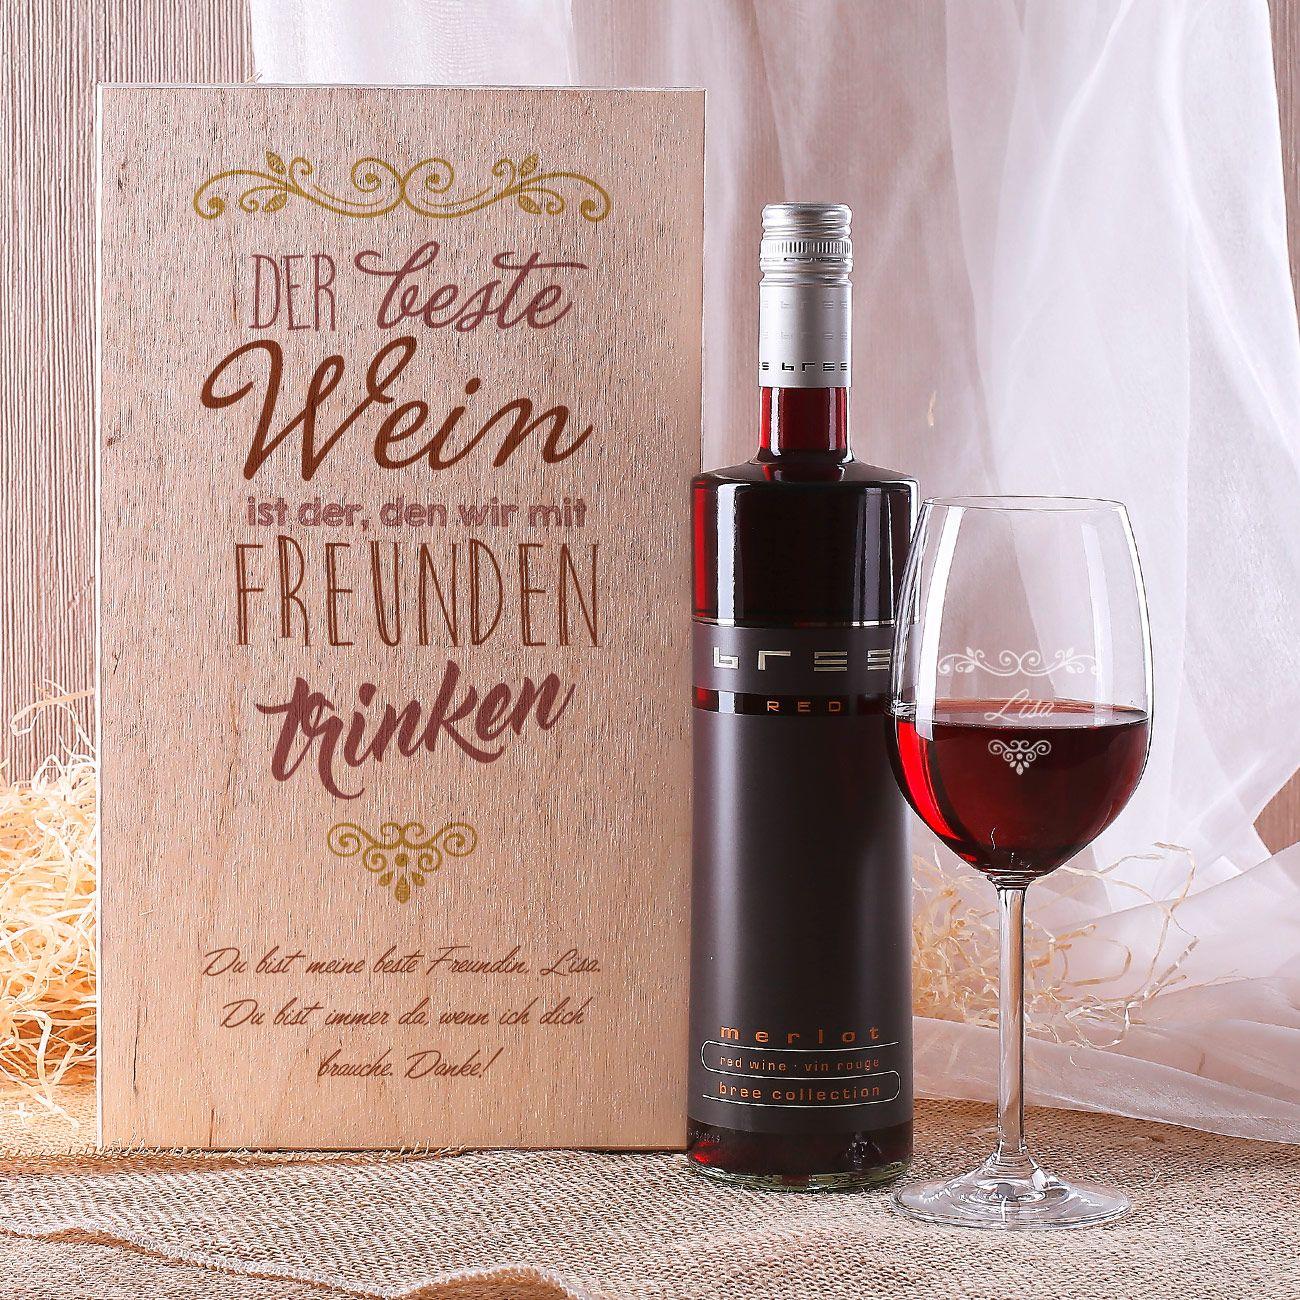 Lovely Sprüche Zum Wein Geschenk - zitate freundschaft